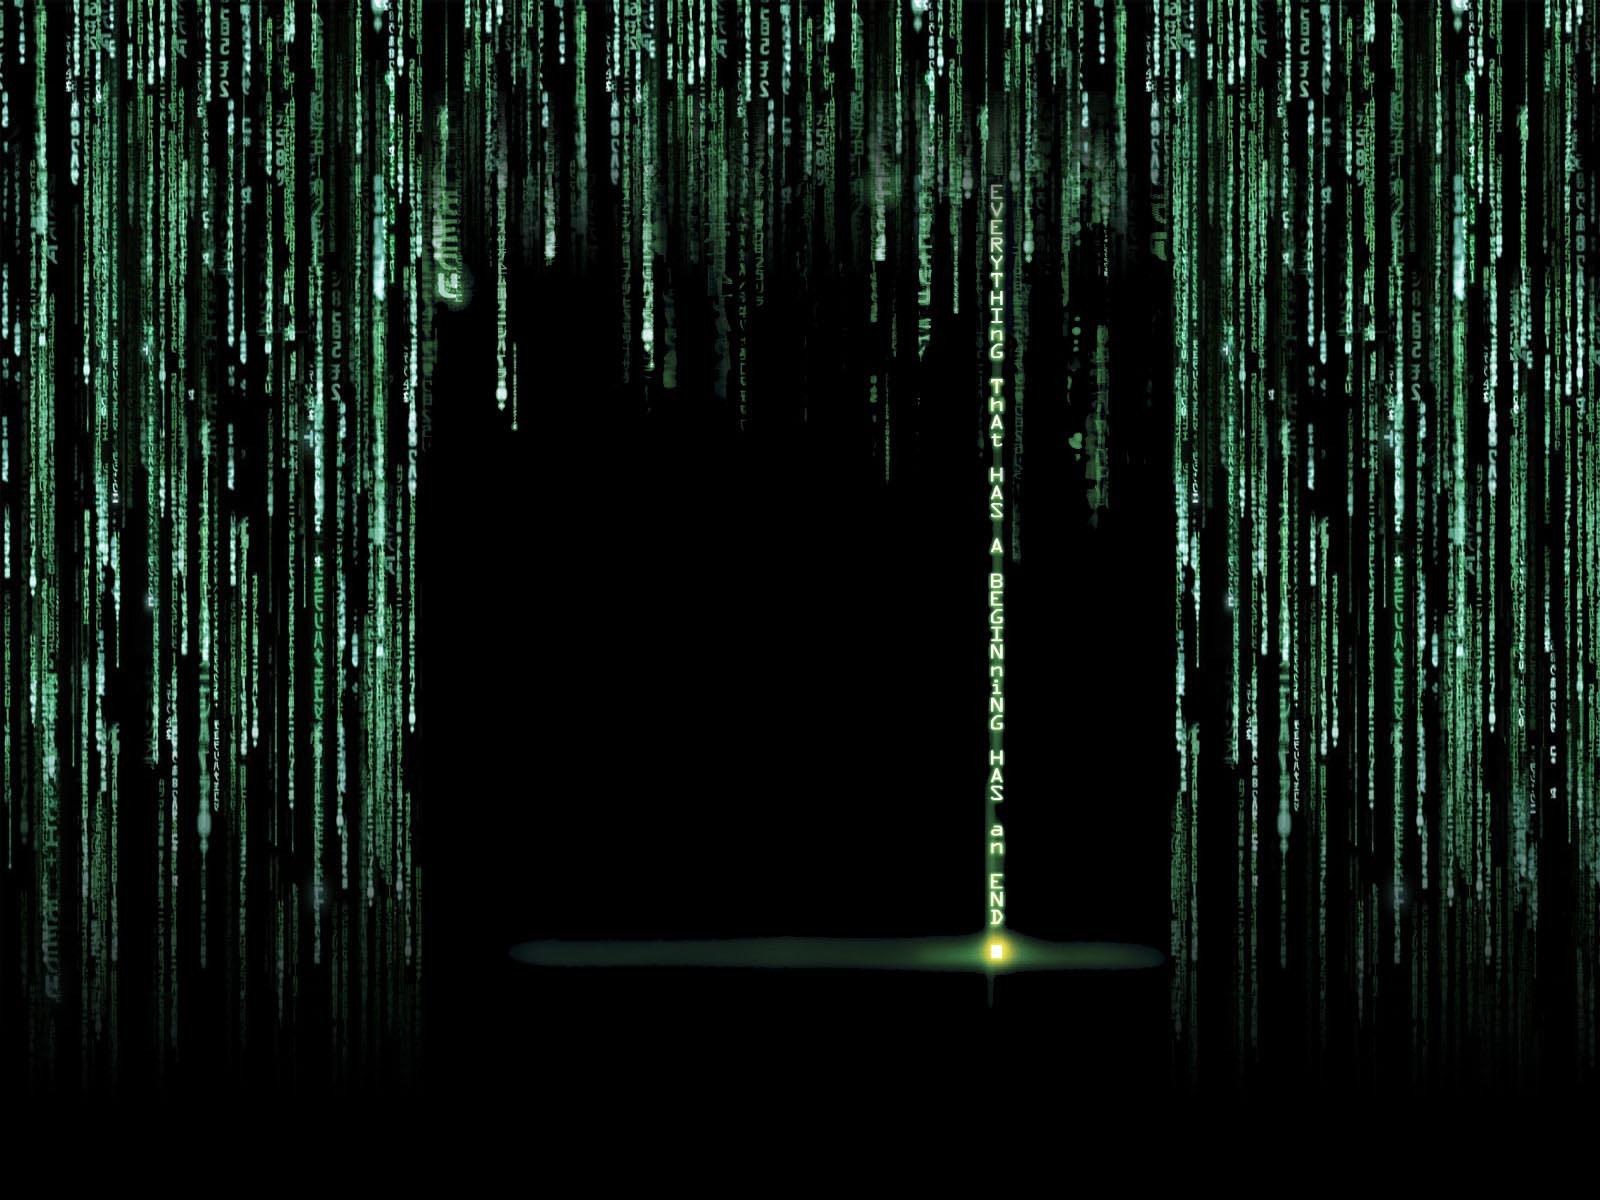 free wallpaper pc computer wallpaper download matrix 1600x1200